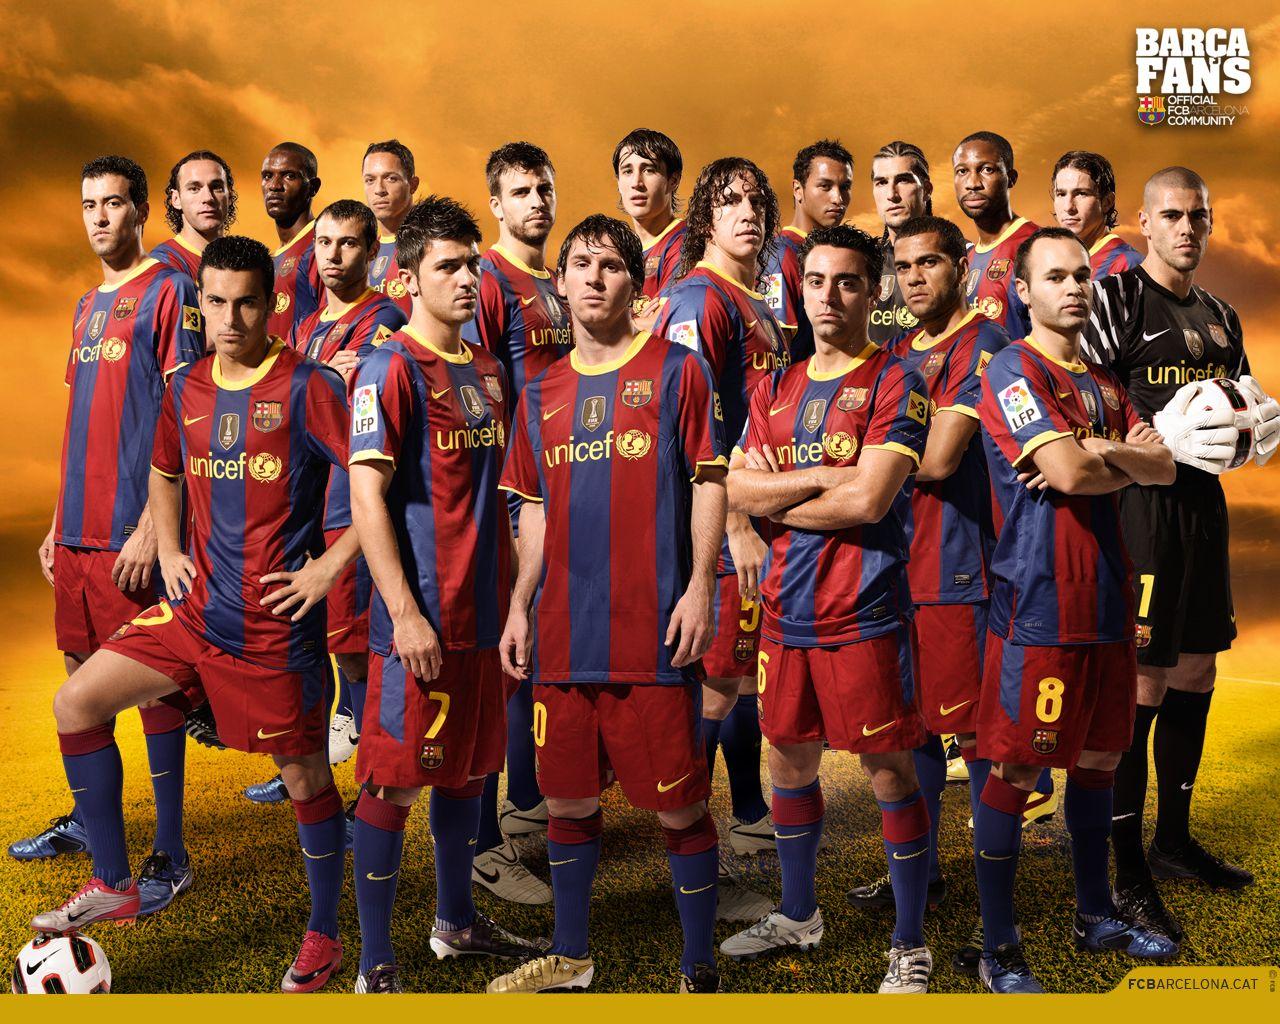 Футбольный клуб барселона картинки в хорошем качестве, открытка мешок